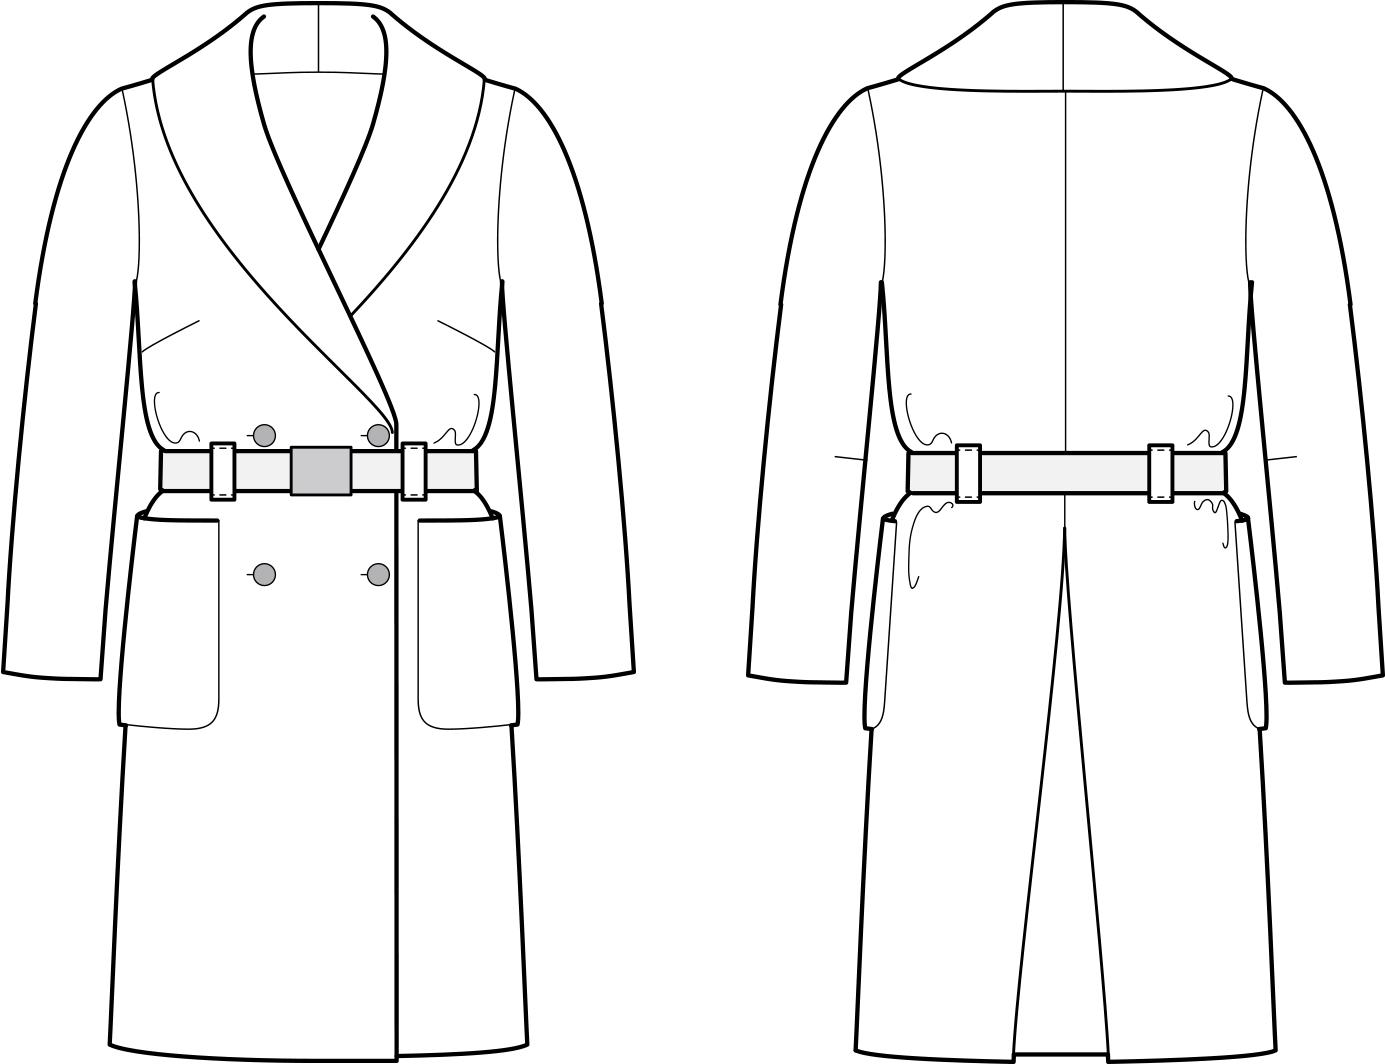 Vorder- und Rückansicht der technische Zeichnung eines Doppelreiher